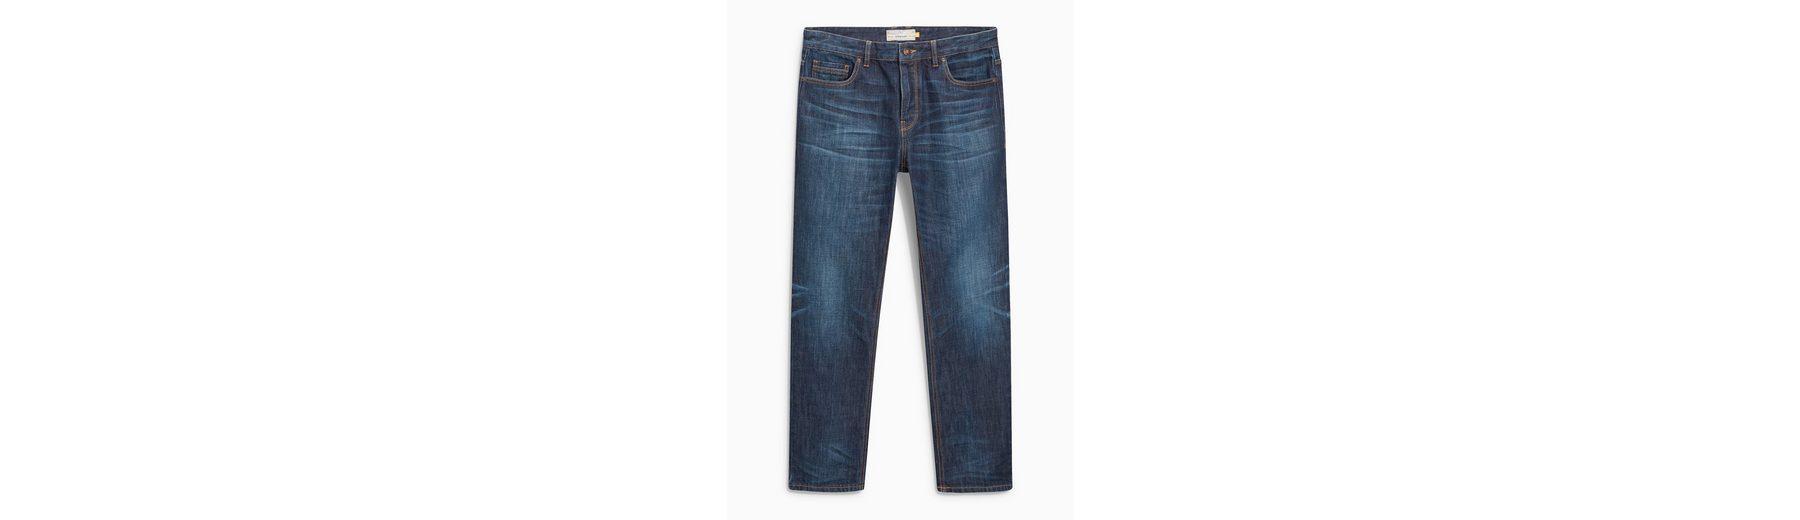 Next Jeans Billig Verkauf Erstaunlicher Preis Mit Kreditkarte Freiem Verschiffen nJ3IBwka